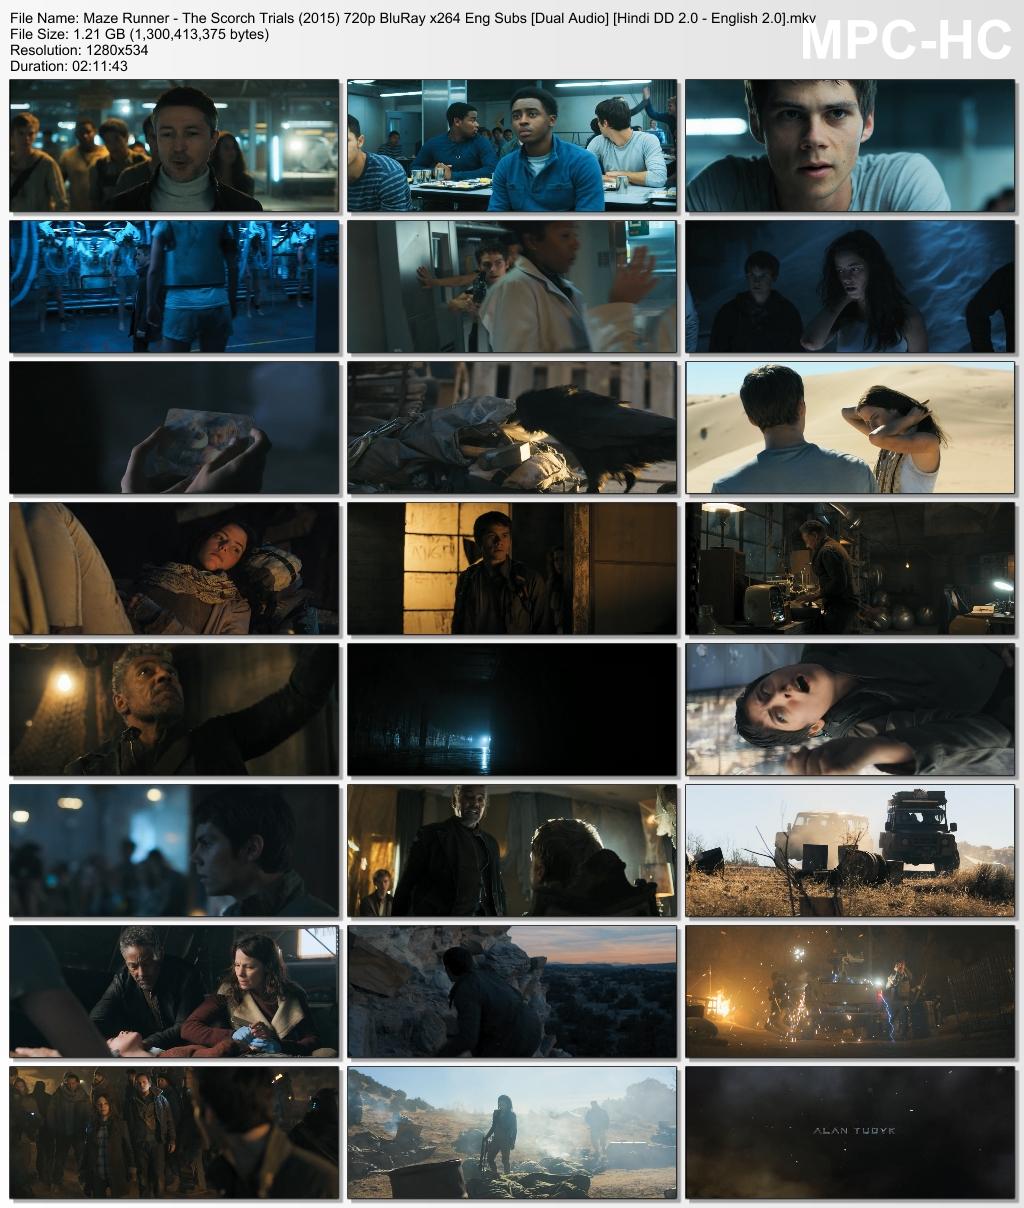 Maze Runner The Scorch Trials bingtorrent Screen shots